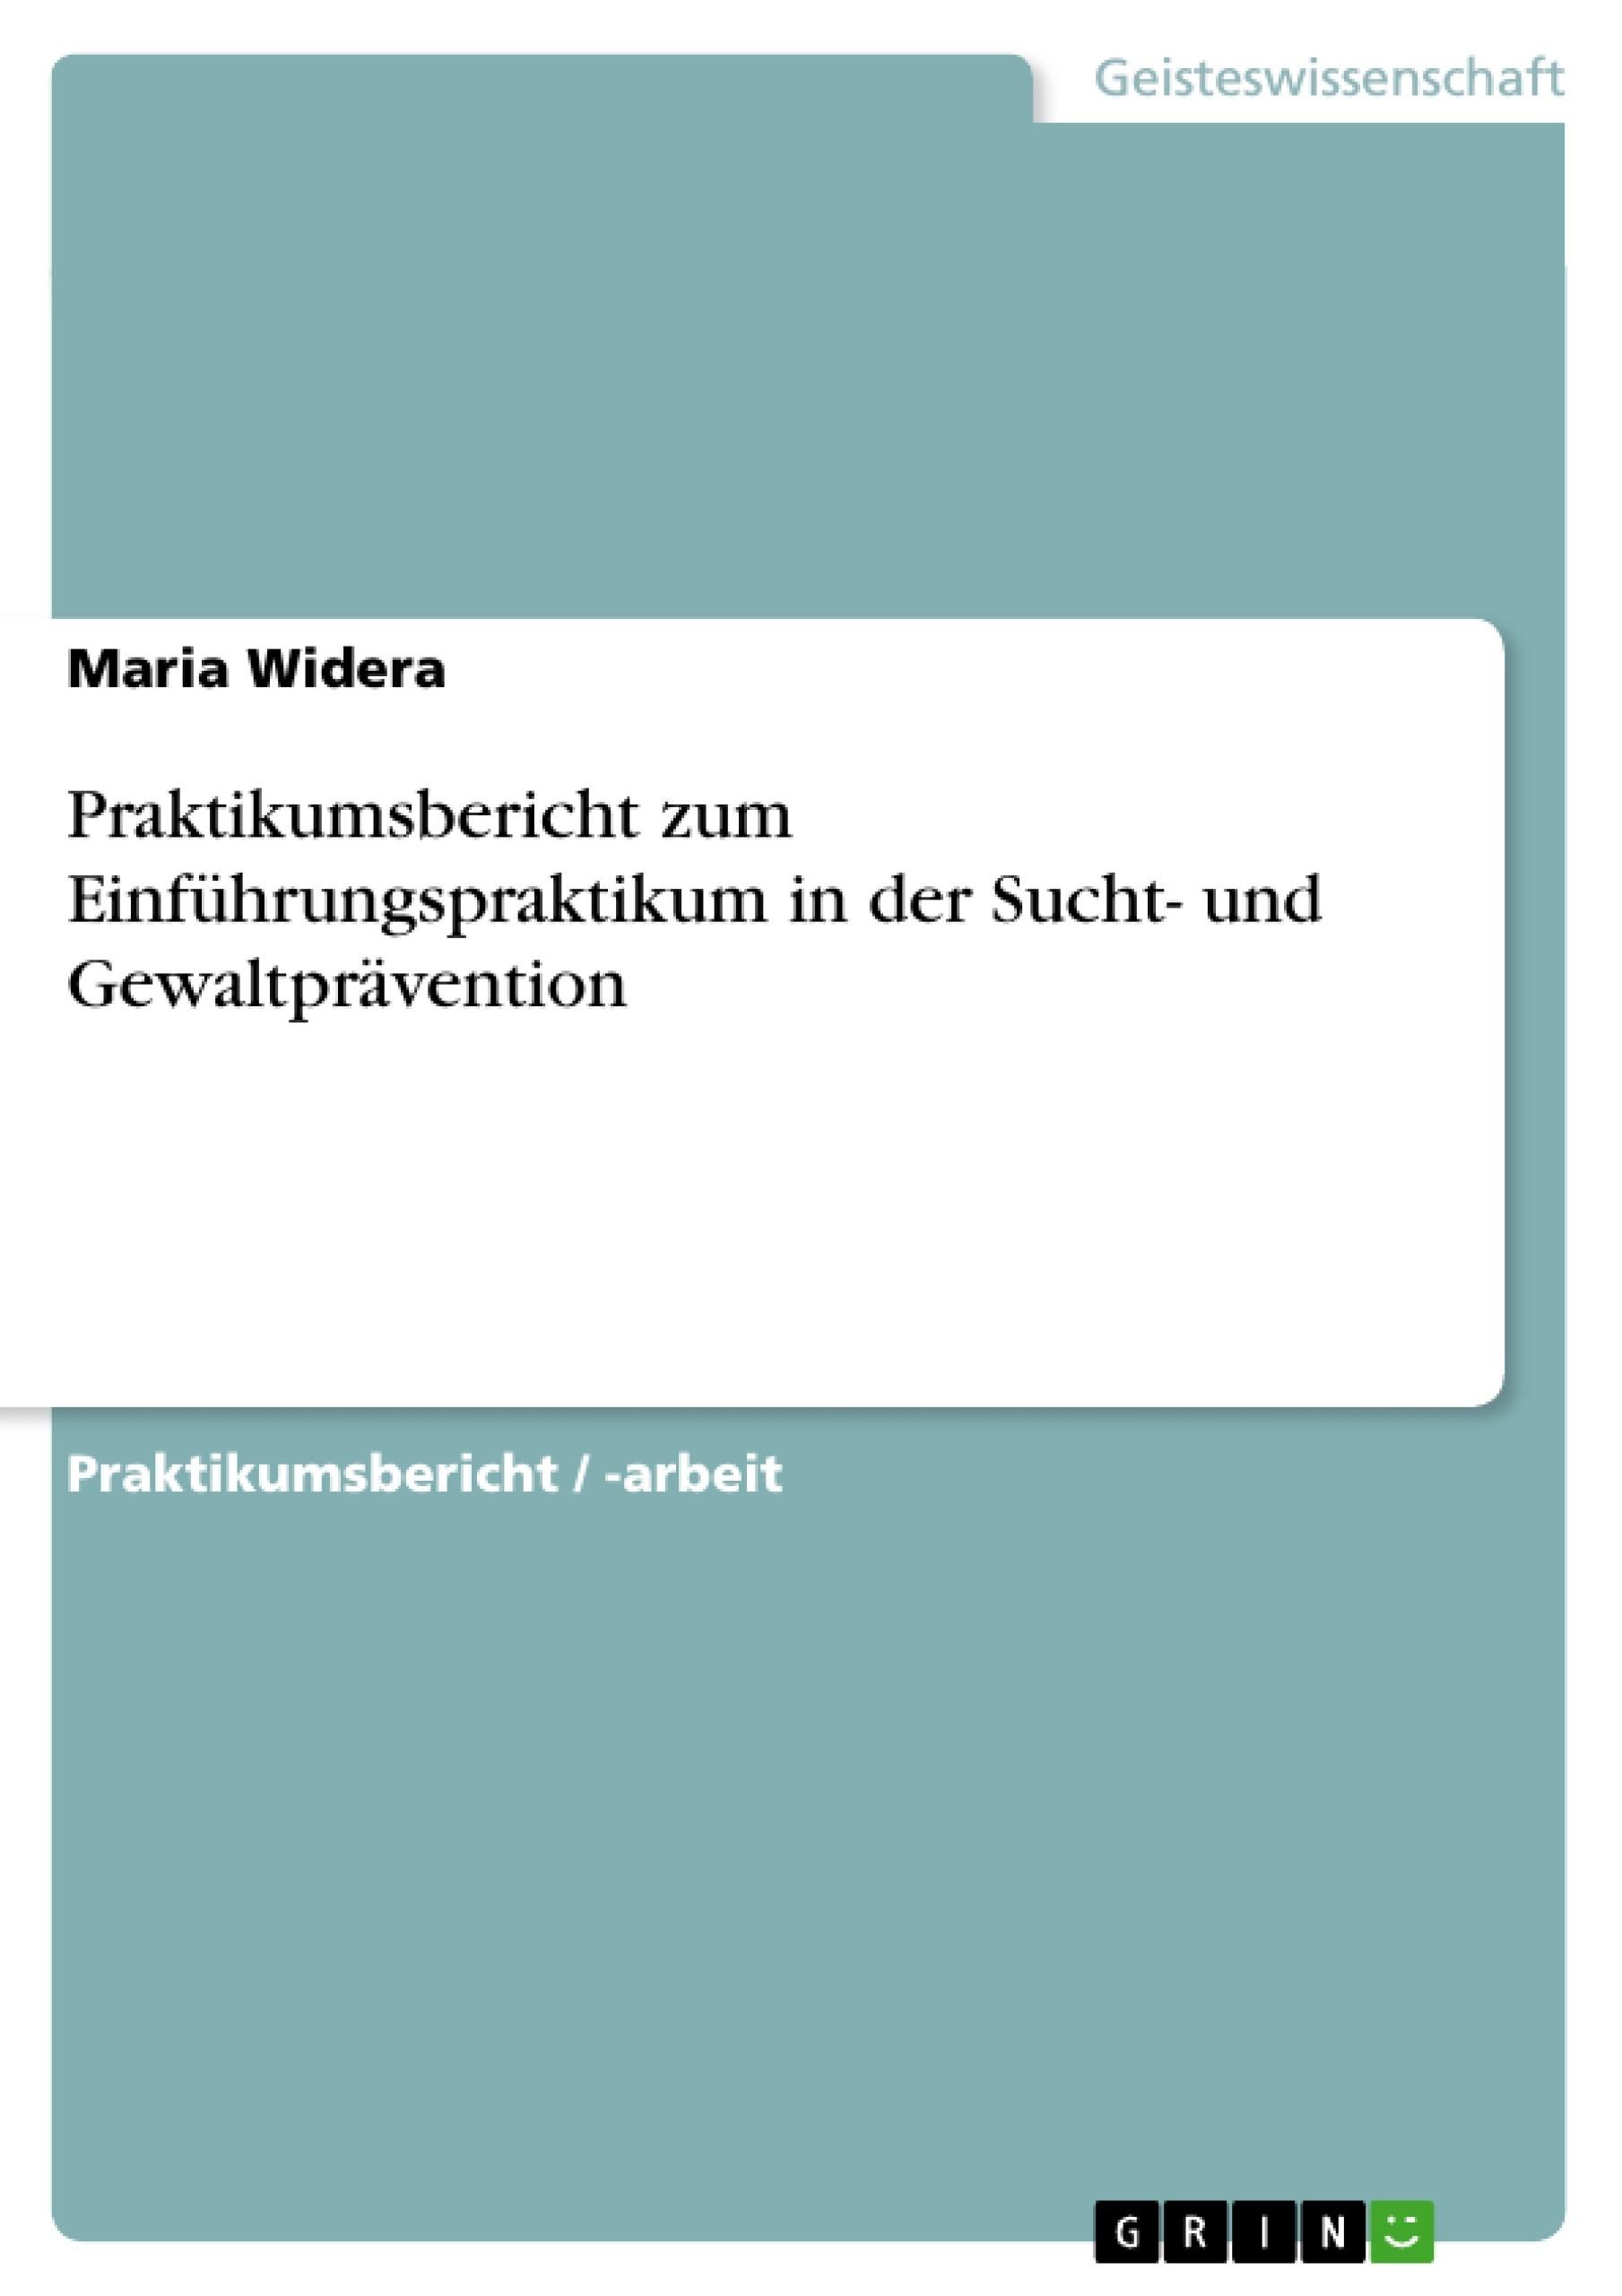 Titel: Praktikumsbericht zum Einführungspraktikum in der Sucht- und Gewaltprävention